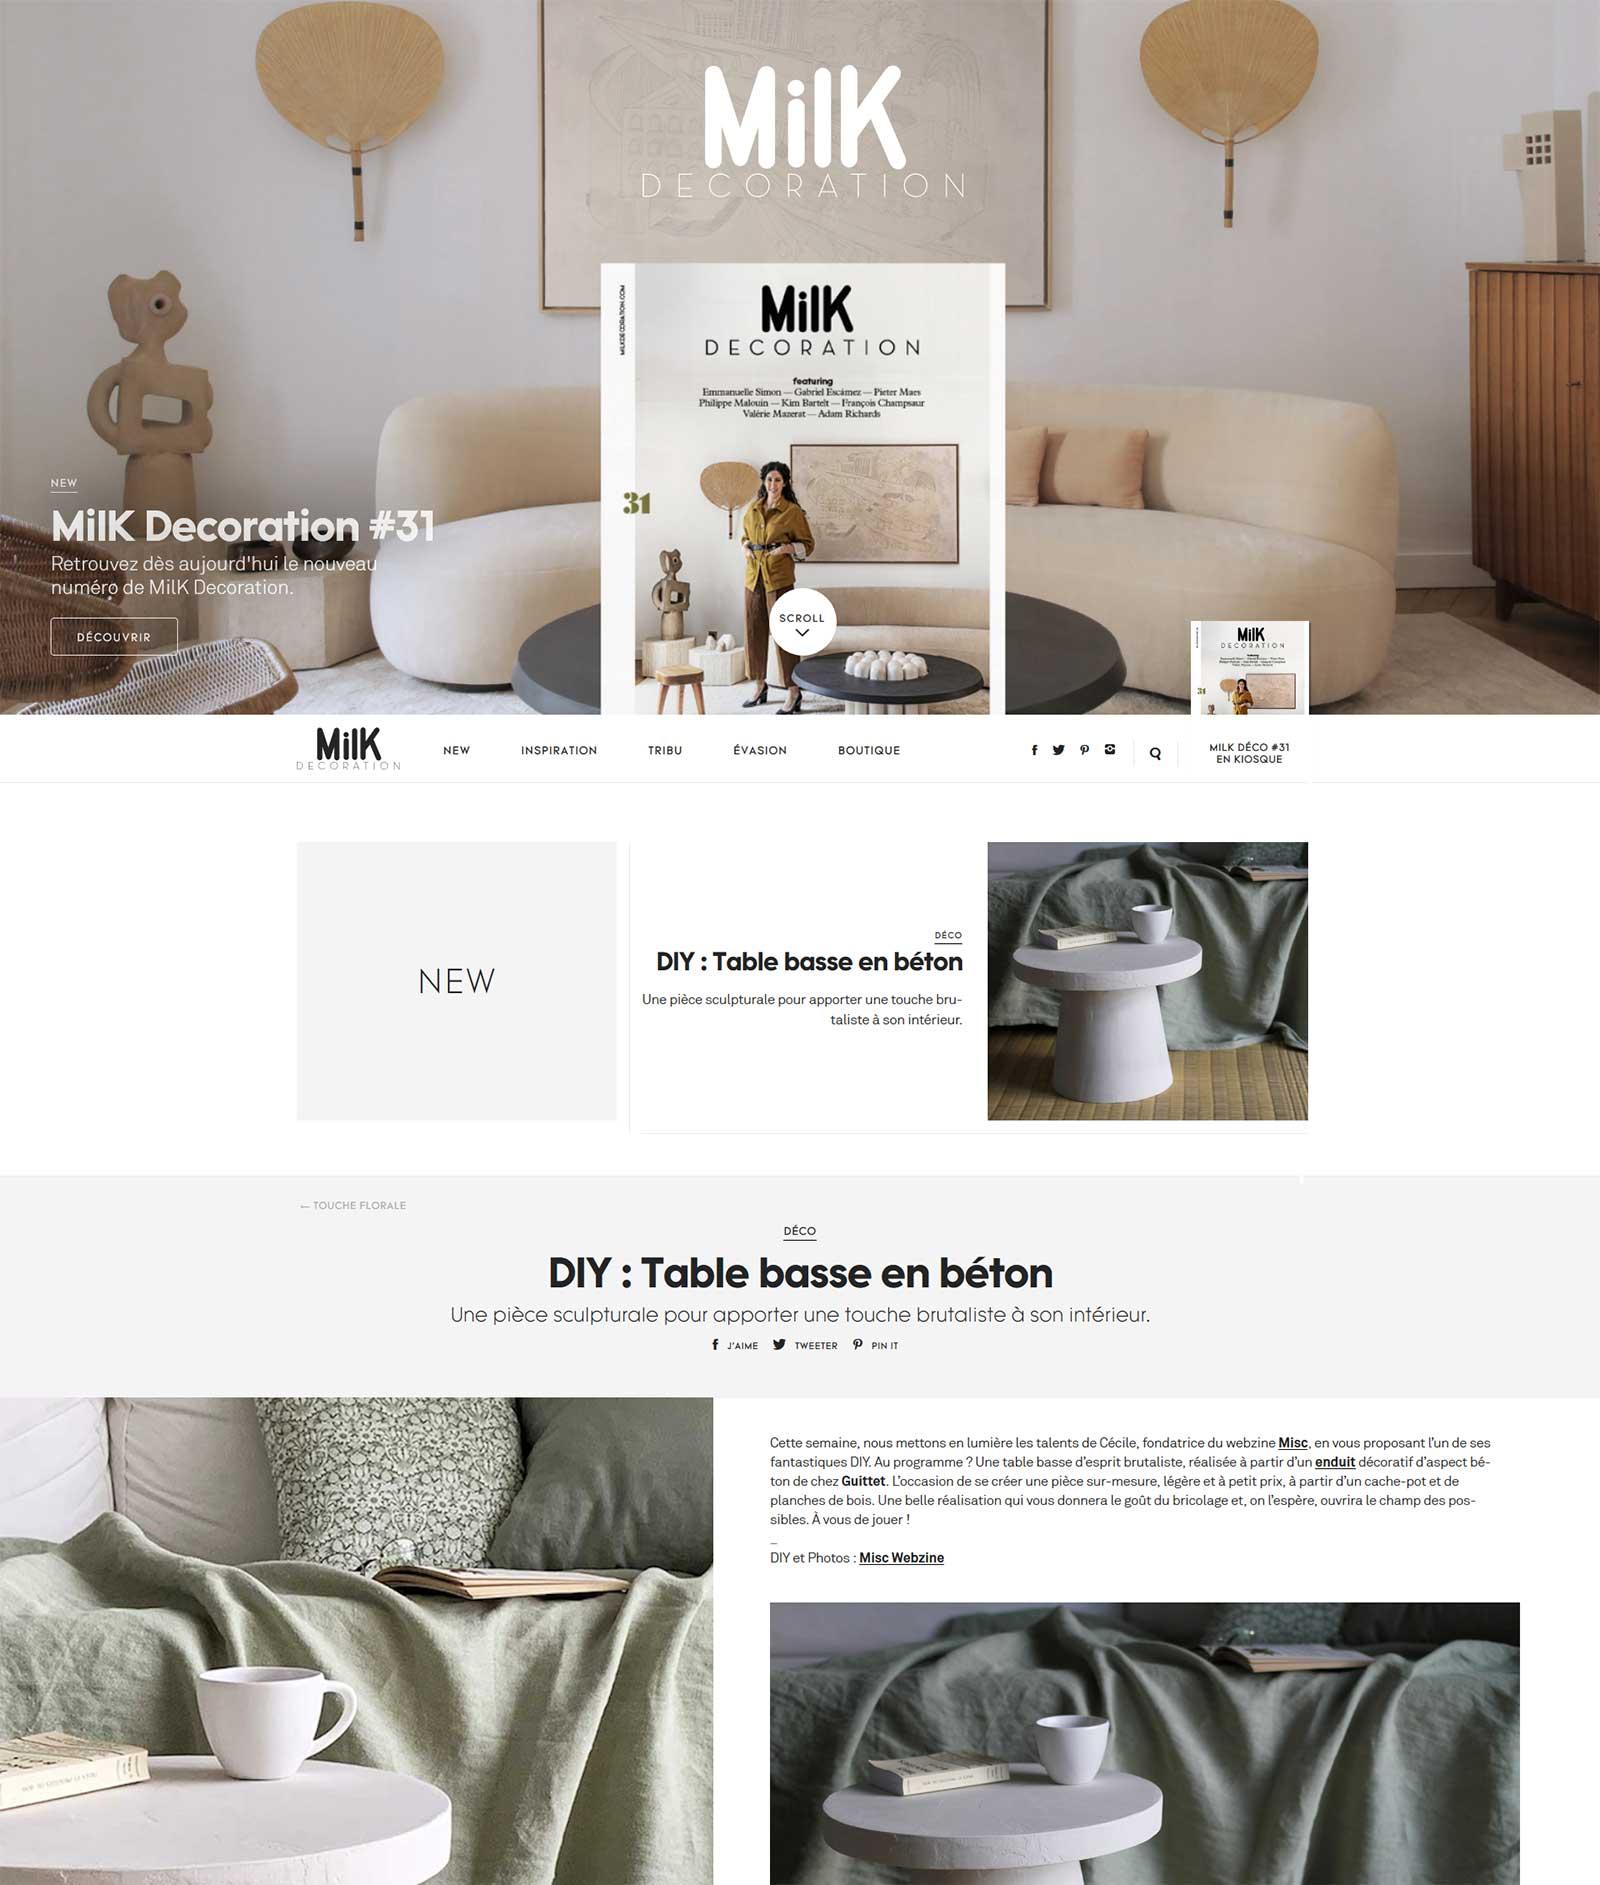 Misc Webzine dans Milk Décoration